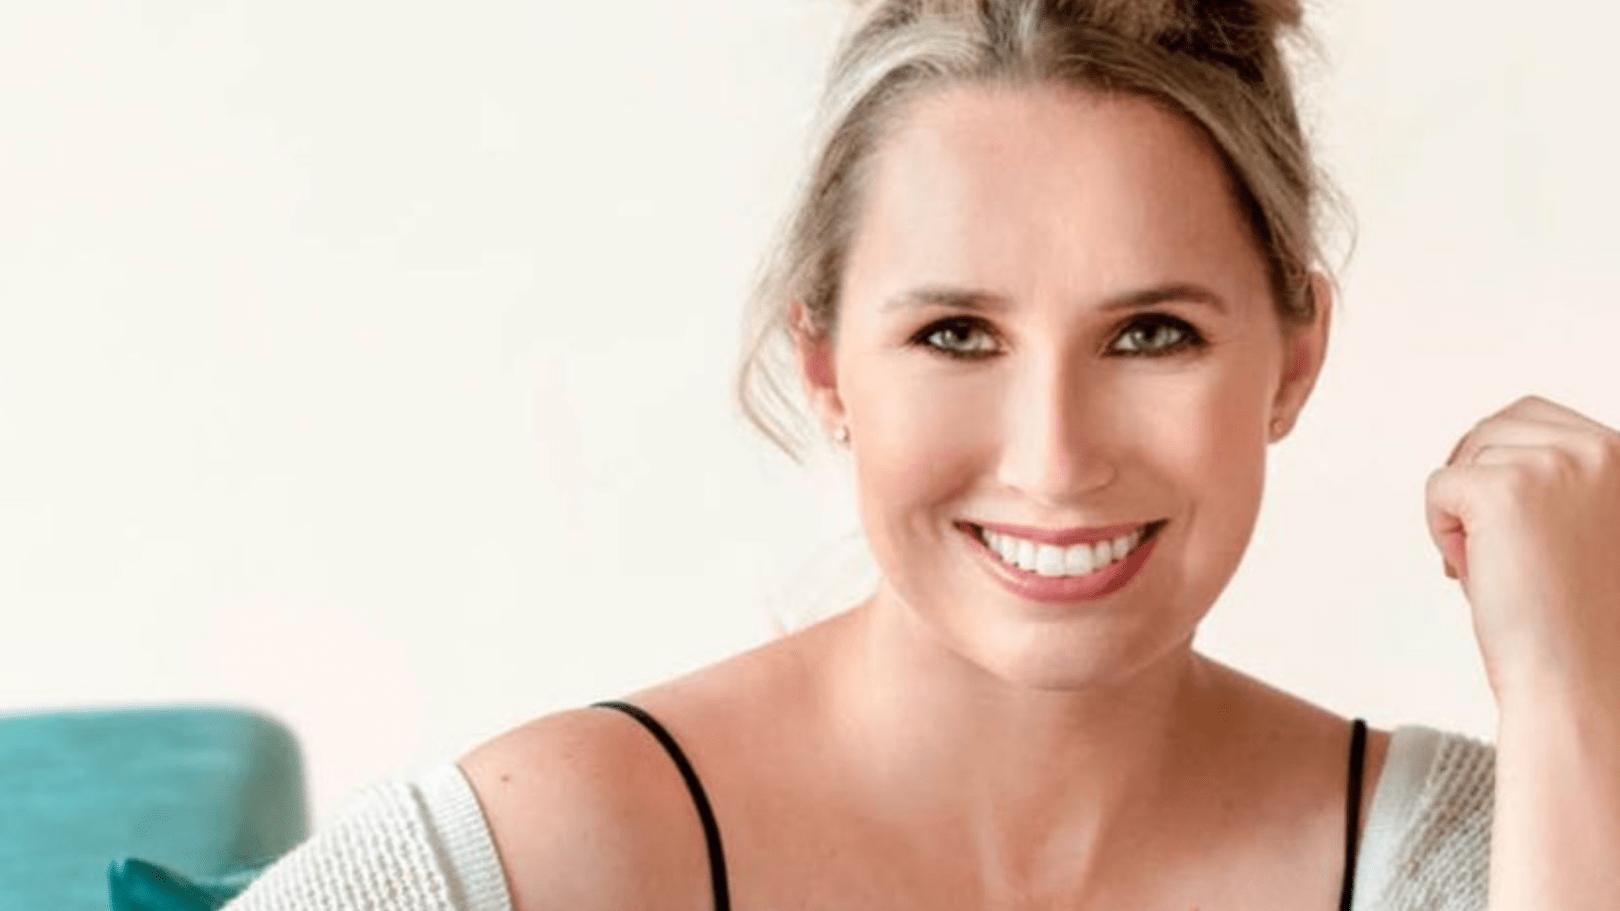 Maïka Desnoyers publiera « Derrière mon sourire », le récit de sa vie